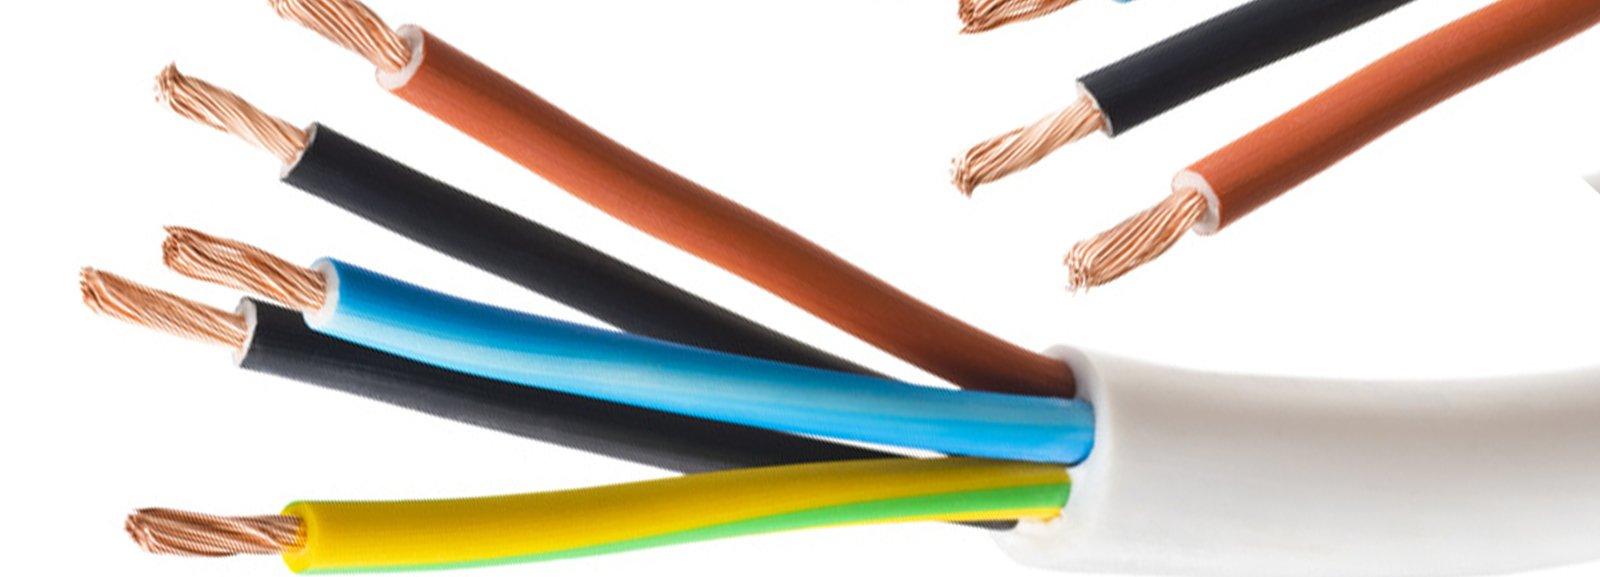 Tre risposte sull 39 impianto elettrico cose di casa - Colori cavi elettrici casa ...